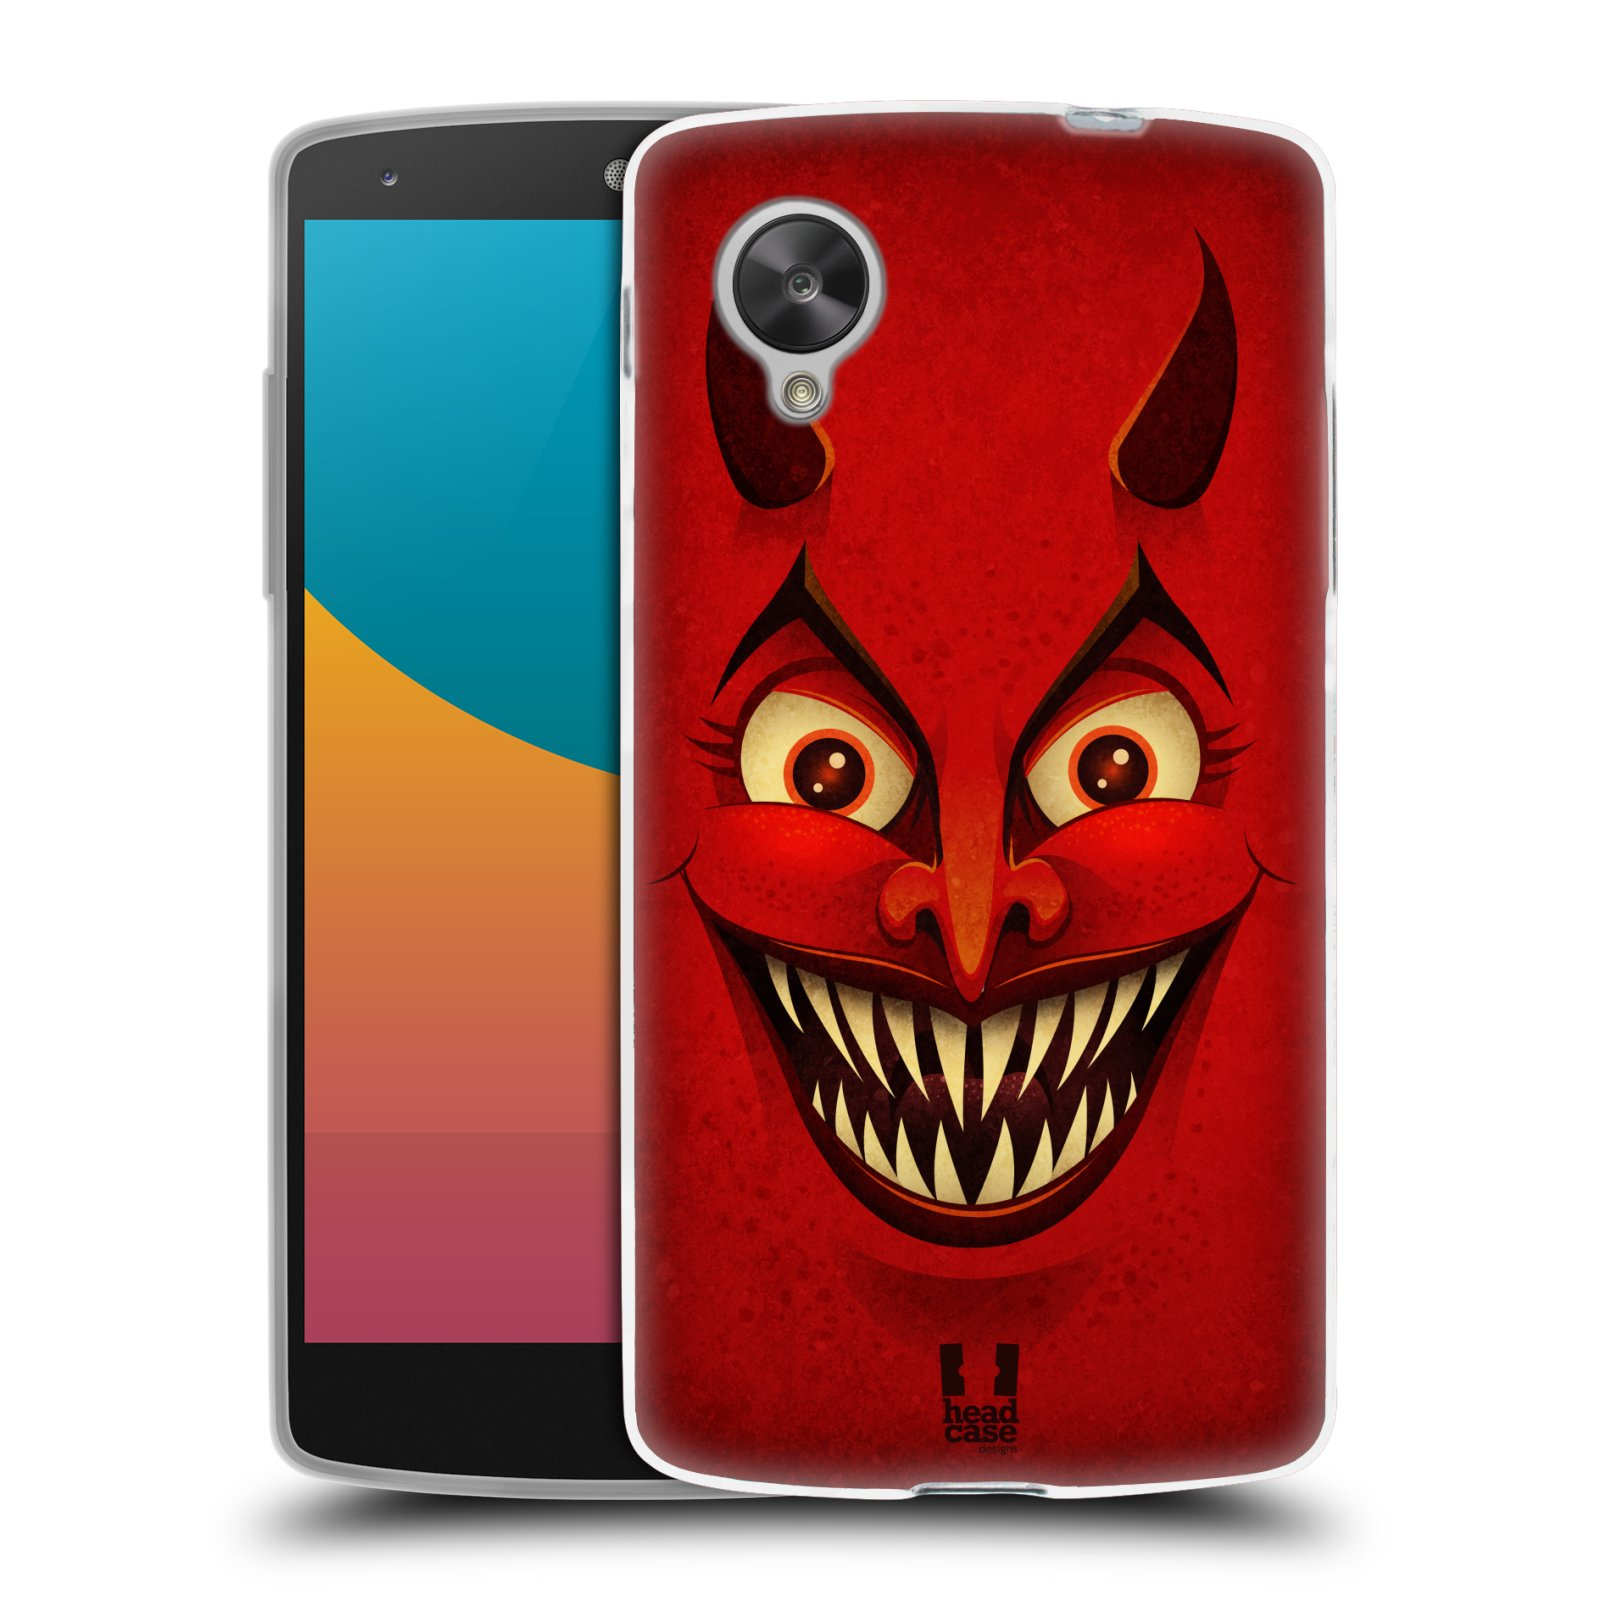 Silikonové pouzdro na mobil LG Nexus 5 HEAD CASE ČERT (Silikonový kryt či obal na mobilní telefon LG Google Nexus 5 D821)